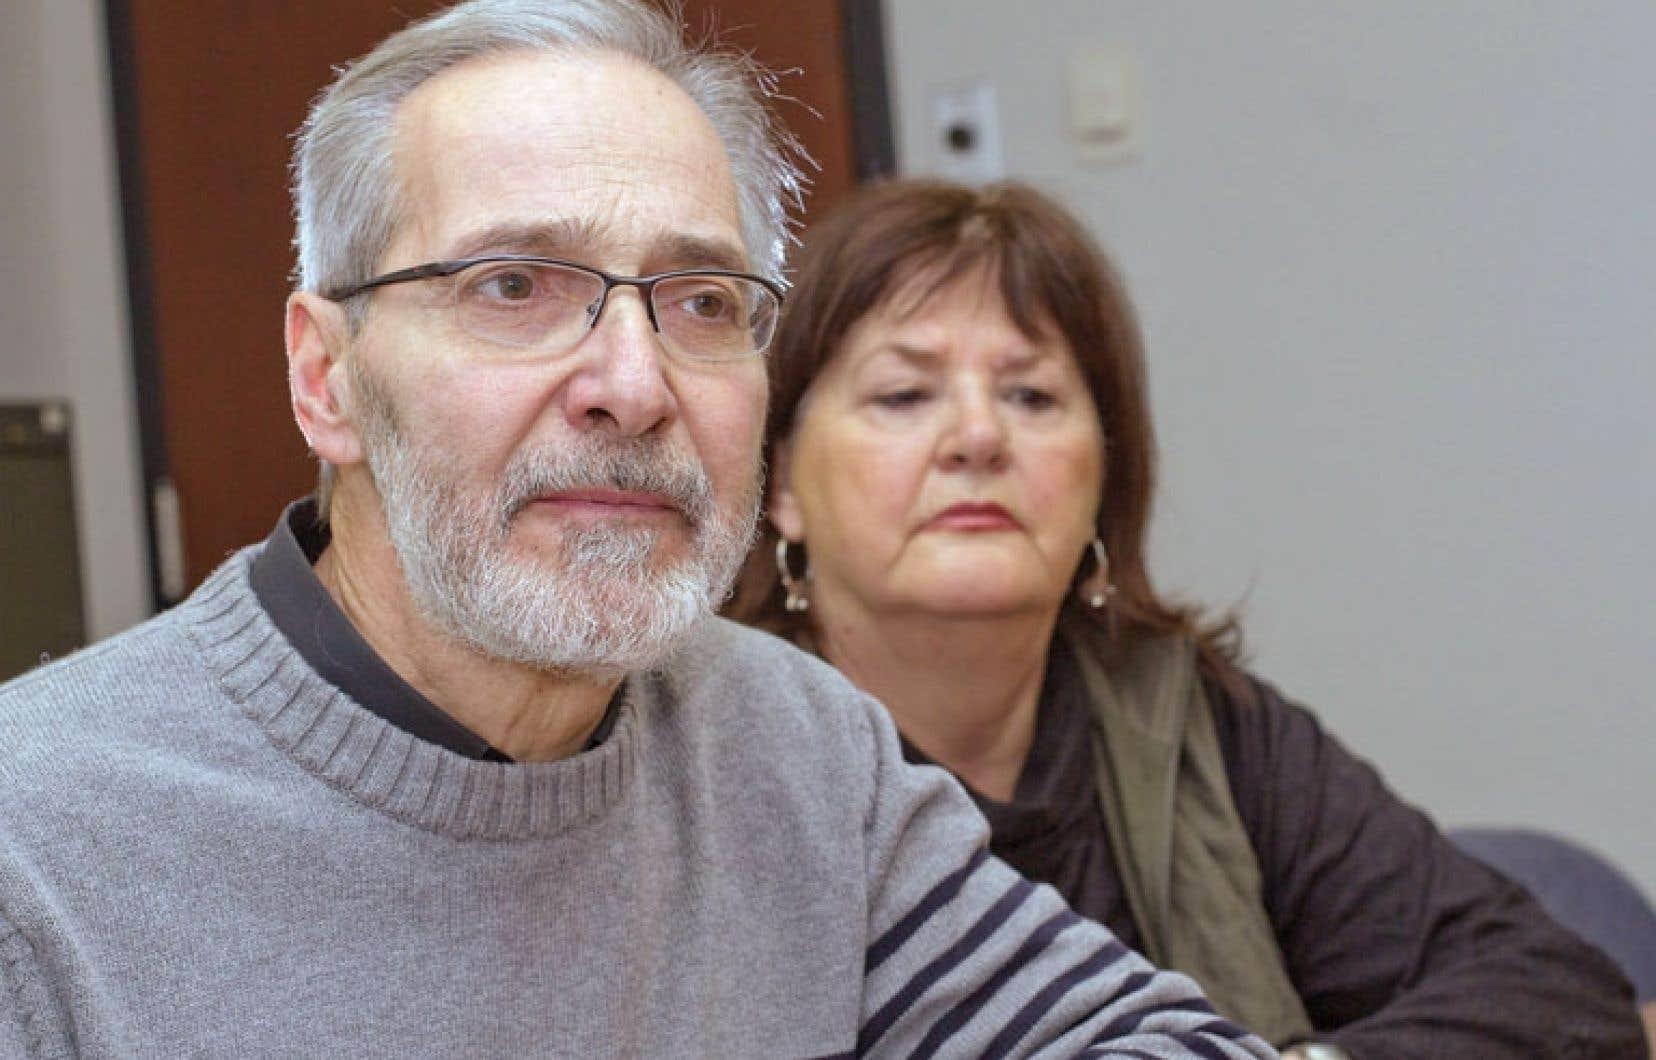 André Reumont, que l'on voit ici en compagnie de sa conjointe, Carole Hamel, a écrit, dans les jours qui ont suivi le suicide de sa fille, un conte pour enfants afin de les initier à la mort et au deuil.